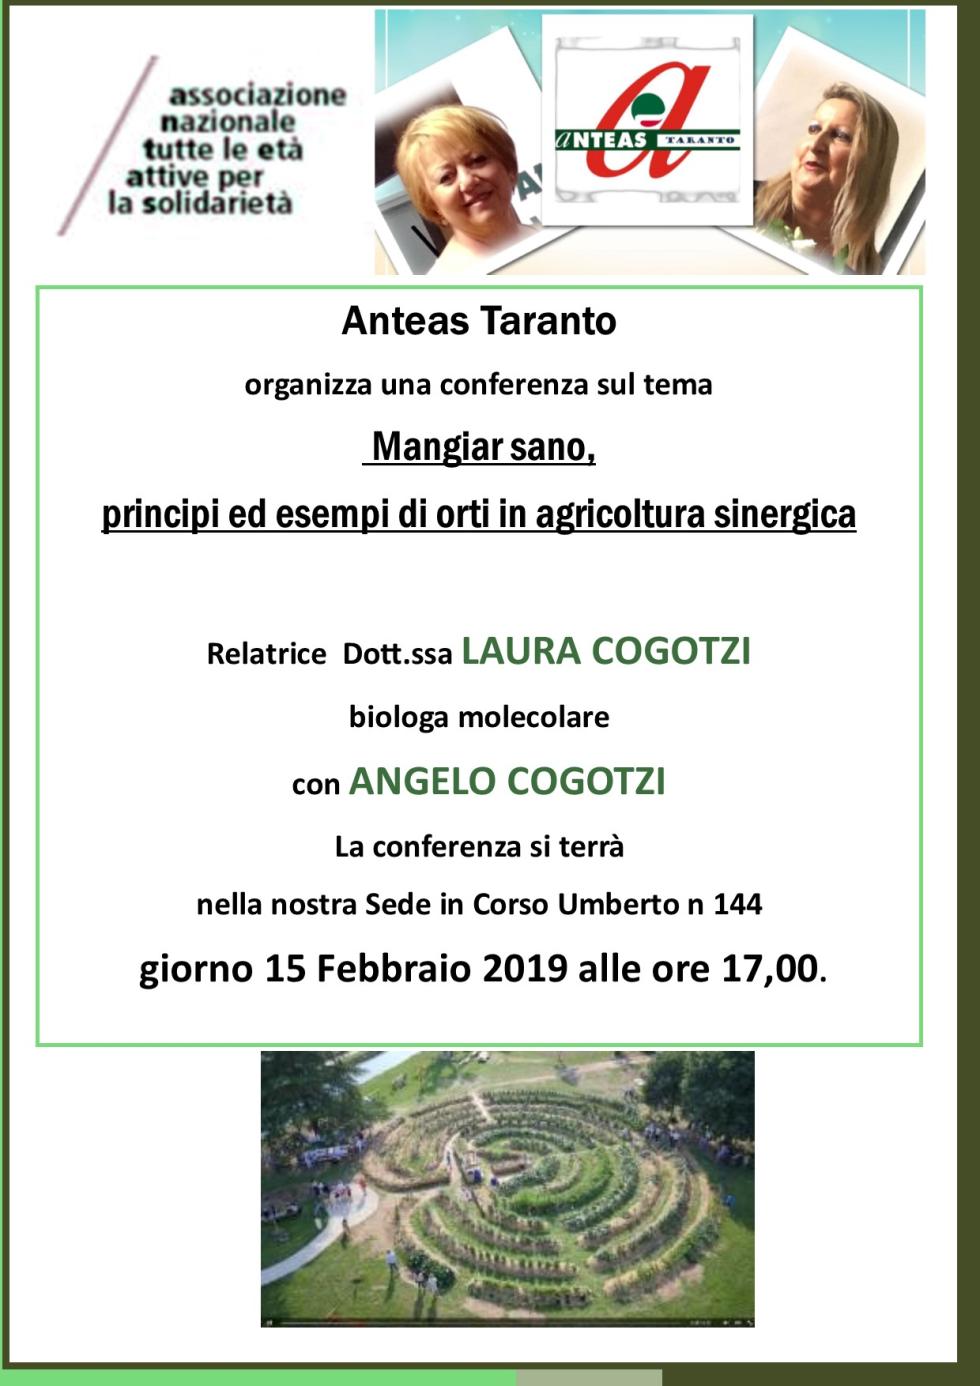 Agricoltura sinergica e sostenibilità. Un approfondimento con gli esperti presso Anteas Taranto.